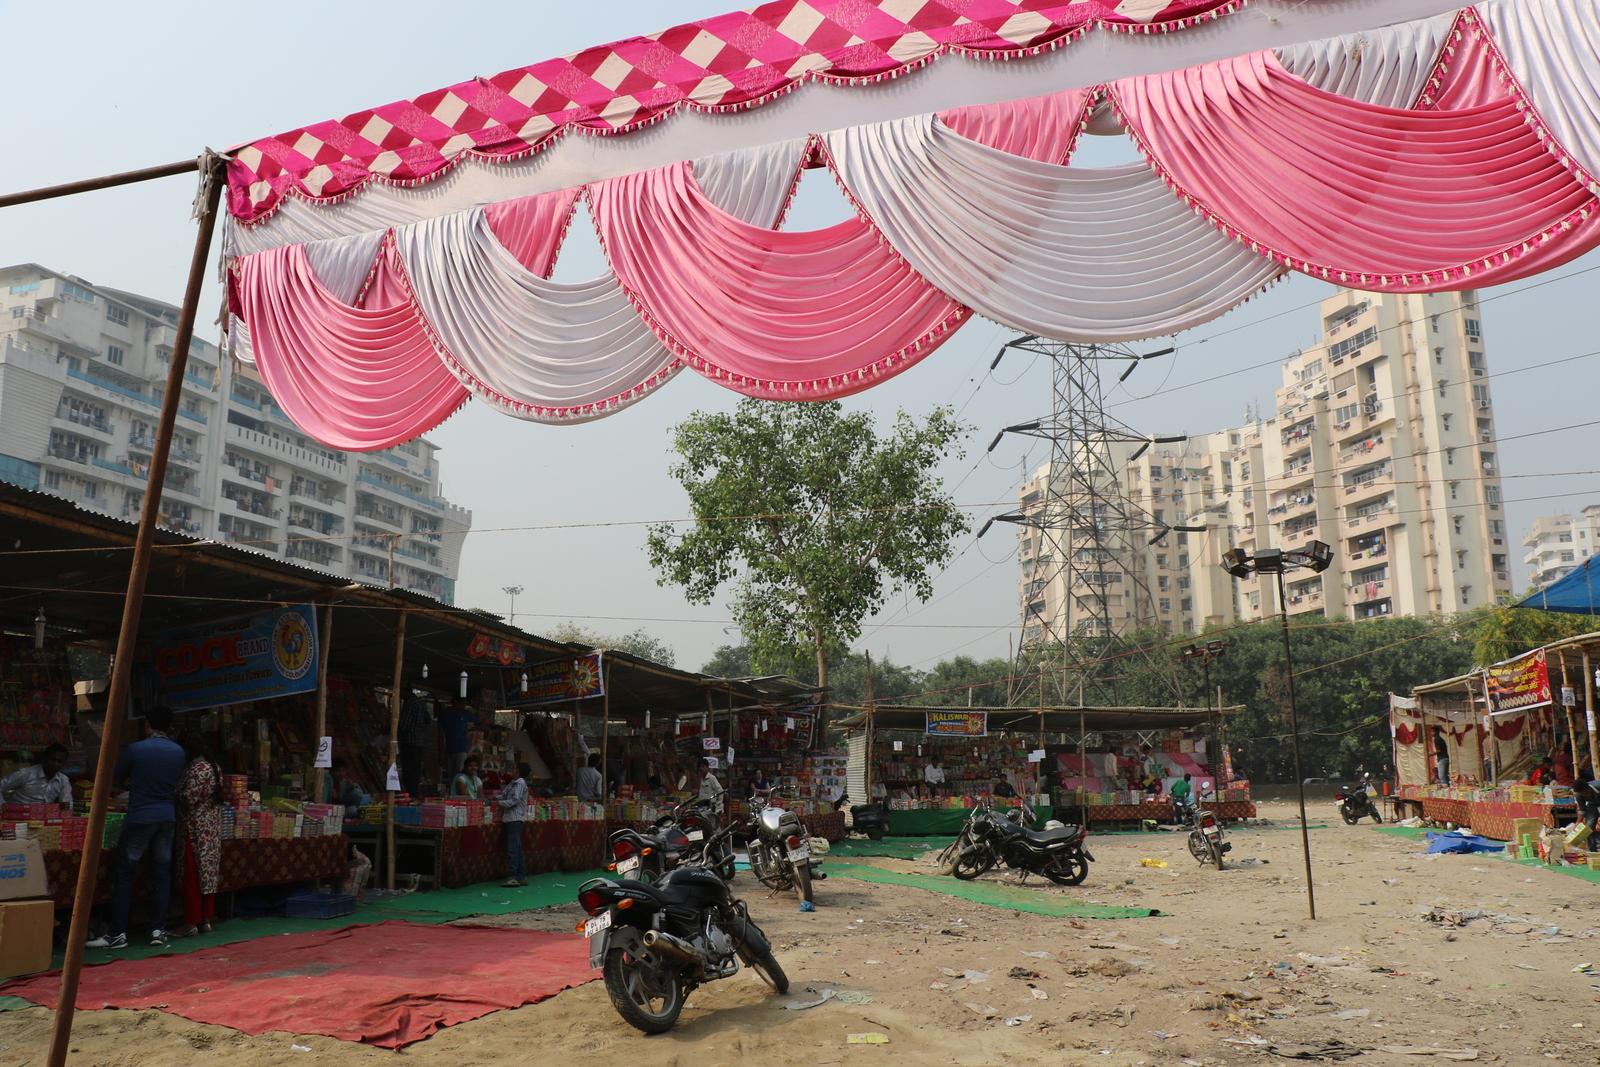 Ilotulitteiden myynti on aiemmin ollut Intiassa melko kaoottista touhua, mutta nyt hommaan oli ainakin meidän kulmillamme tullut vähän kuria ja järjestystä. Myynti oli sallittua ainoastaan tällä tyhjälle tontille pystytetyllä alueella ja se alkoi muutamaa päivää ennen diwalia.